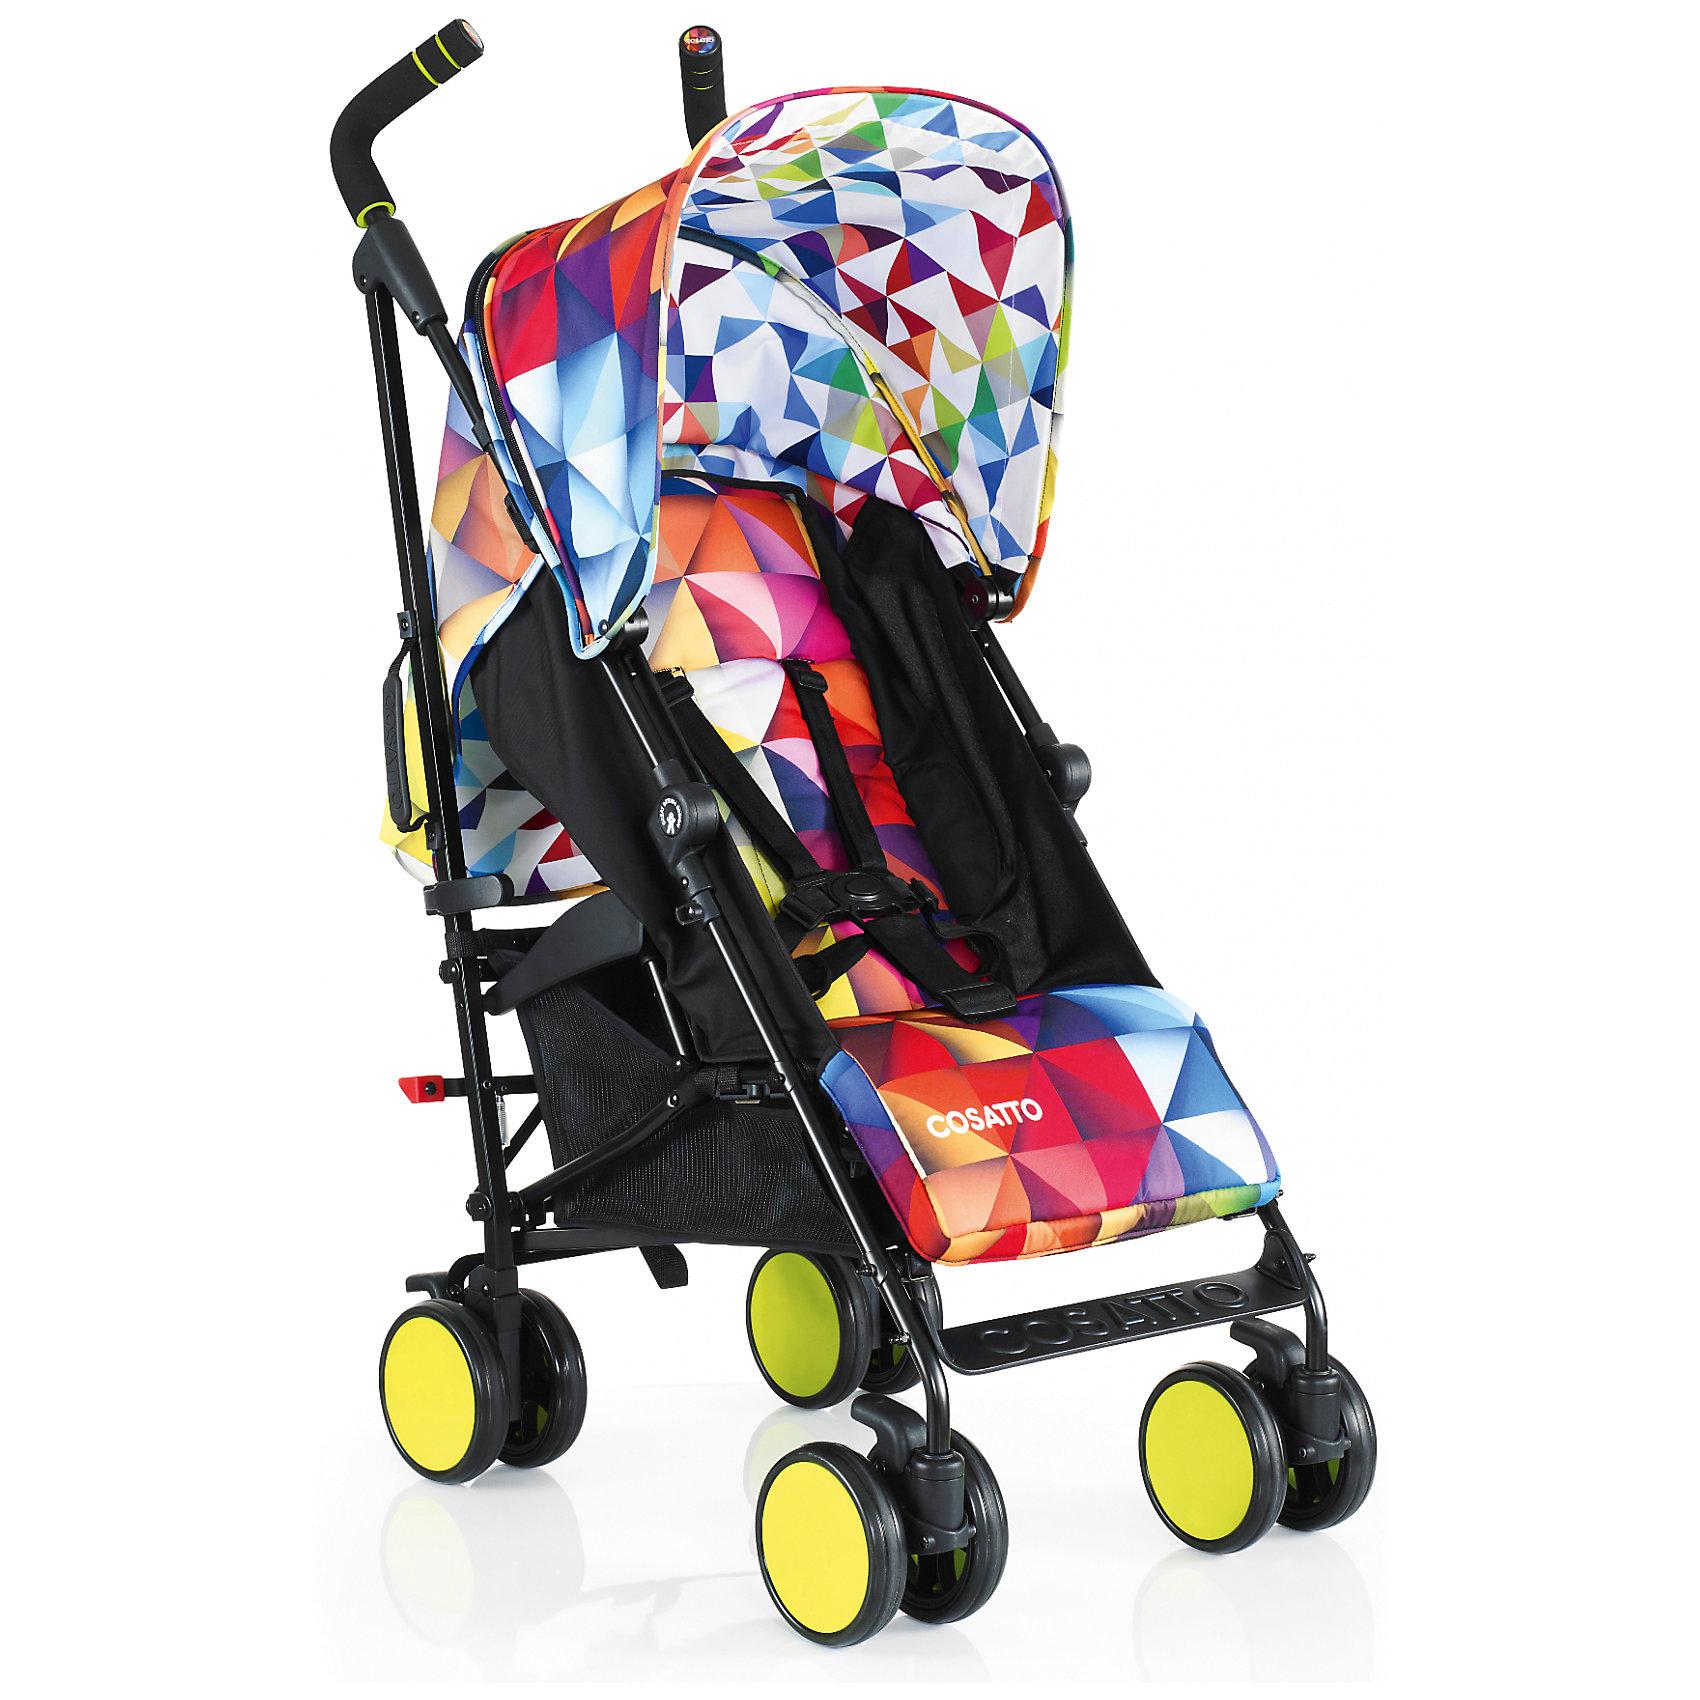 Коляска-трость Cosatto Supa Go, SpectroluxКоляски-трости<br>Стильная коляска станет для родителей не только незаменимой вещью, но и стильным аксессуаром. Функциональность, дизайн и маневренность – все это – новая модель от Cosatto. Все материалы, использованные при изготовлении, безопасны и отвечают требованиям по качеству продукции.<br><br>Дополнительные характеристики: <br><br>возраст: 6 месяцев – 3 года;<br>регулируемый капюшон;<br>механизм складывания: трость;<br>регулировка спинки;<br>ножной тормоз;<br>пятиточечные ремни безопасности;<br>габариты: 78 х 48,5 х 110 см;<br>материал шасси: алюминий;<br>комплектация: дождевик<br><br>ВНИМАНИЕ!!! В комплектацию коляски не входит бампер, его можно купить отдельно.<br><br>Коляску-трость SUPA Go от компании Cosatto можно приобрести в нашем магазине.<br><br>Яркие и стильные расцветки коляски поднимут вам настроение. Регулируемый капюшон и спинка. Без бампера<br><br>Ширина мм: 1120<br>Глубина мм: 280<br>Высота мм: 280<br>Вес г: 12000<br>Возраст от месяцев: 6<br>Возраст до месяцев: 36<br>Пол: Унисекс<br>Возраст: Детский<br>SKU: 5448678